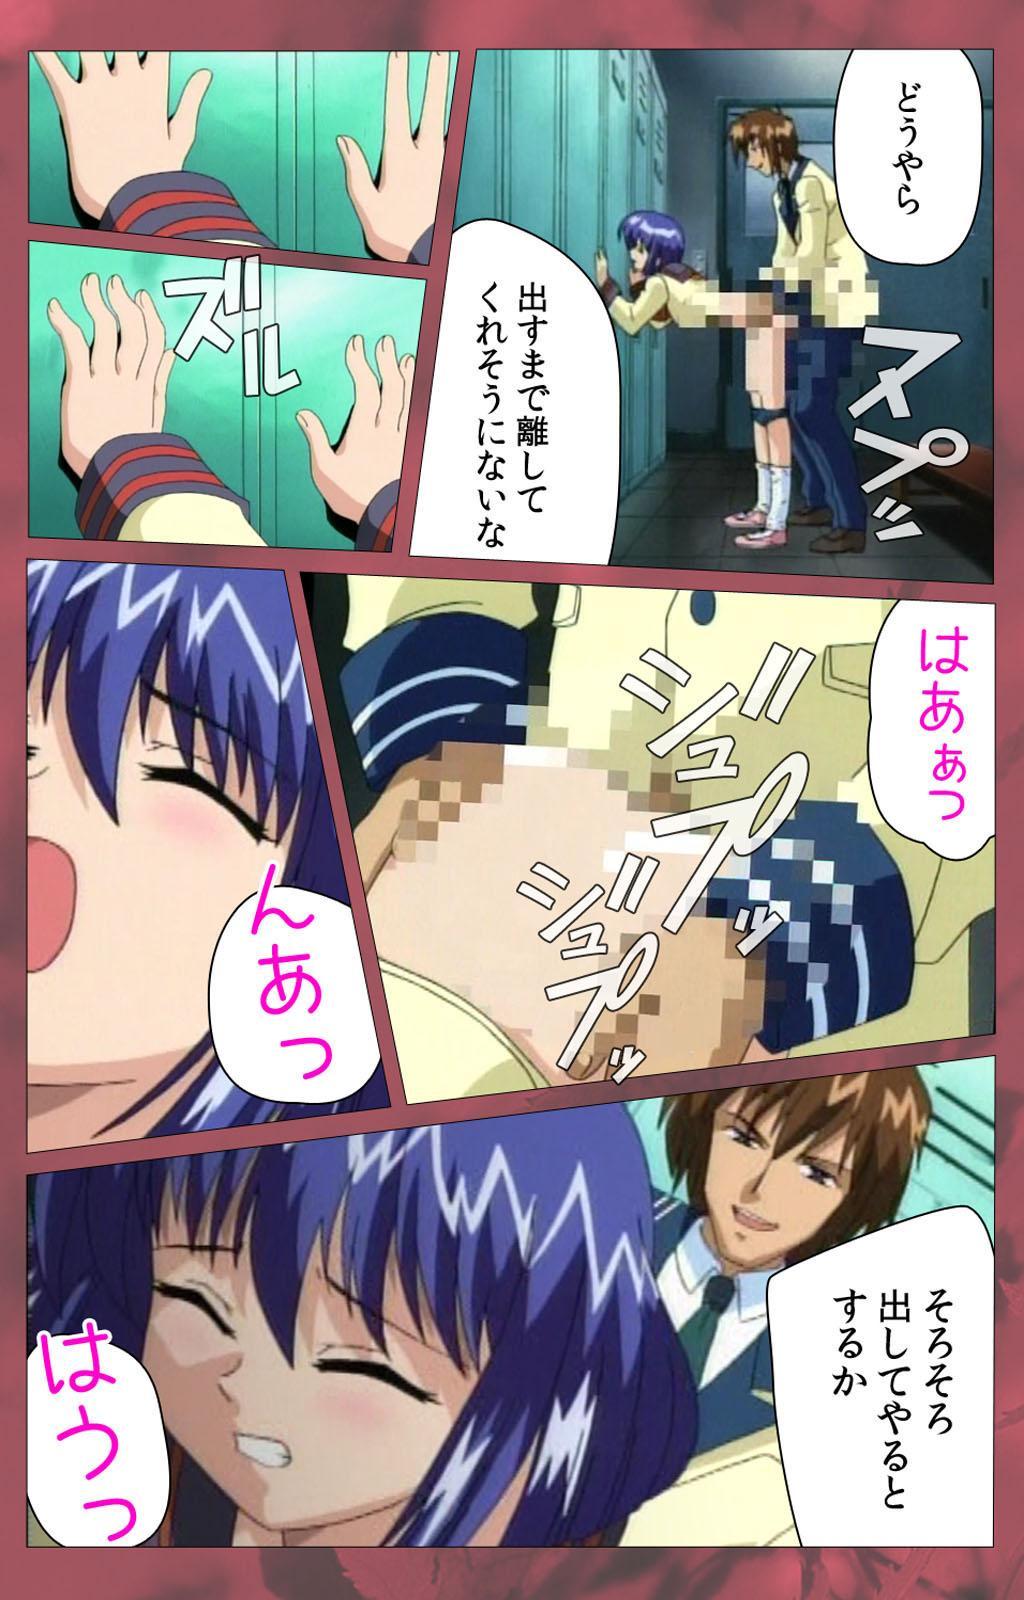 'watashi ningyo jaarimasen' kanzenhan 132